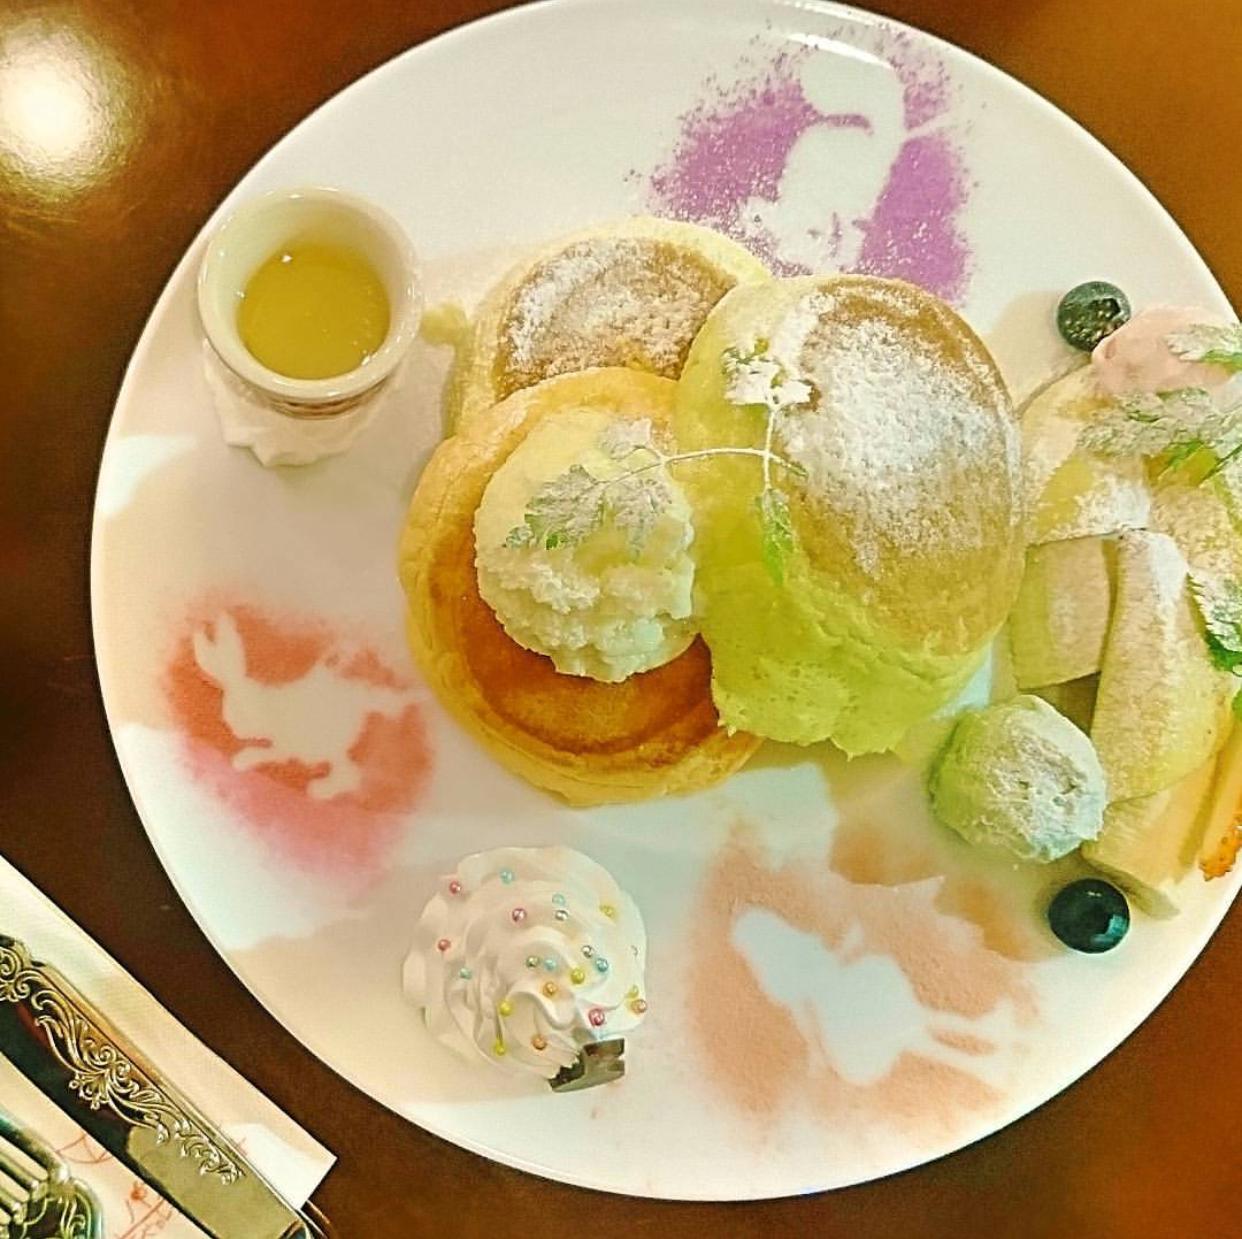 【11/2】幸せのレシピがパンケーキ専門店『~なないろパンケーキ~』を大通にオープン!